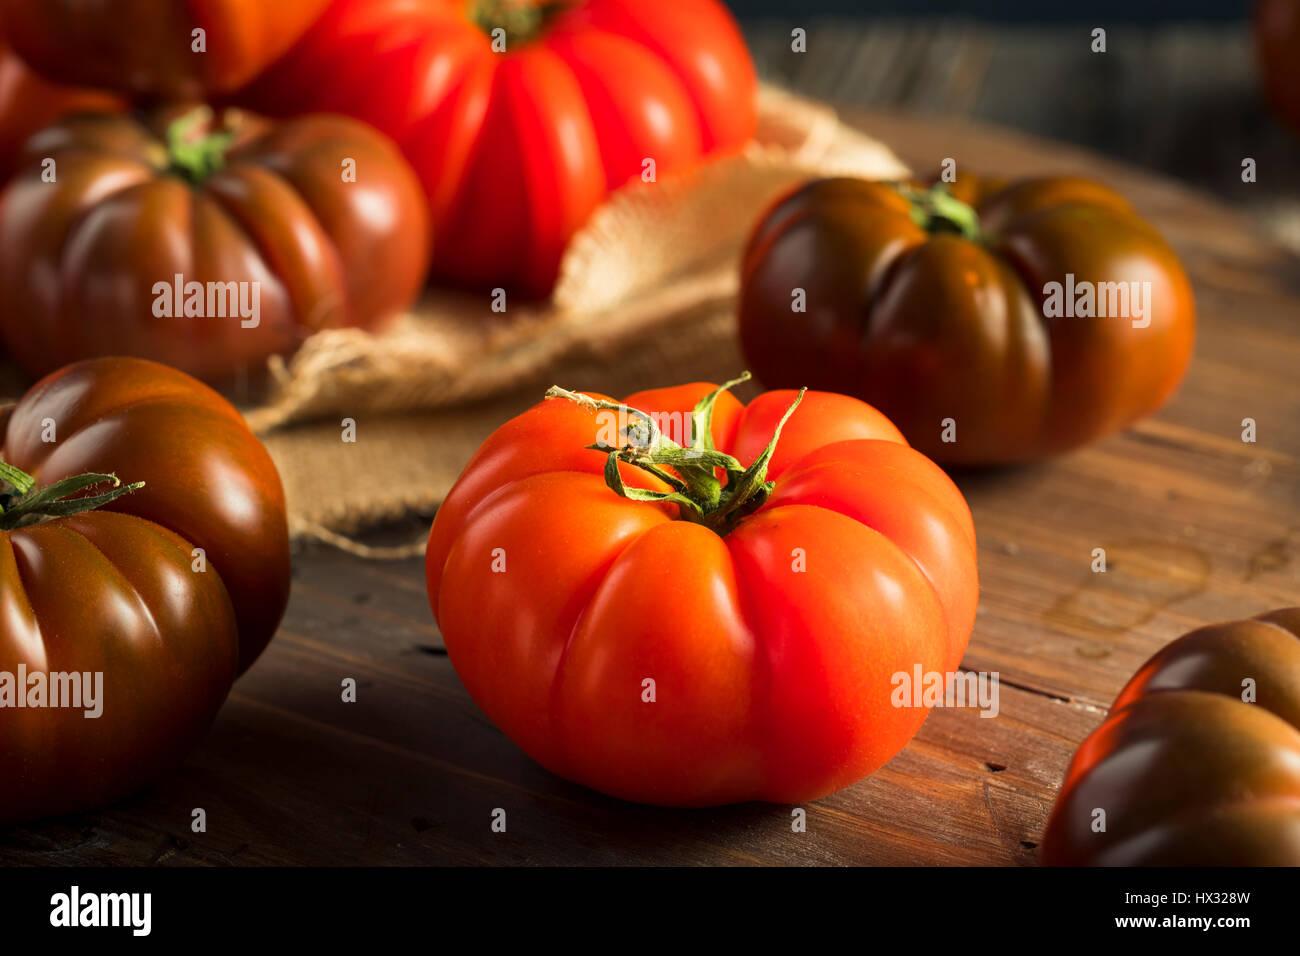 Materie organiche e rosso marrone cimelio di pomodori freschi della vite Immagini Stock